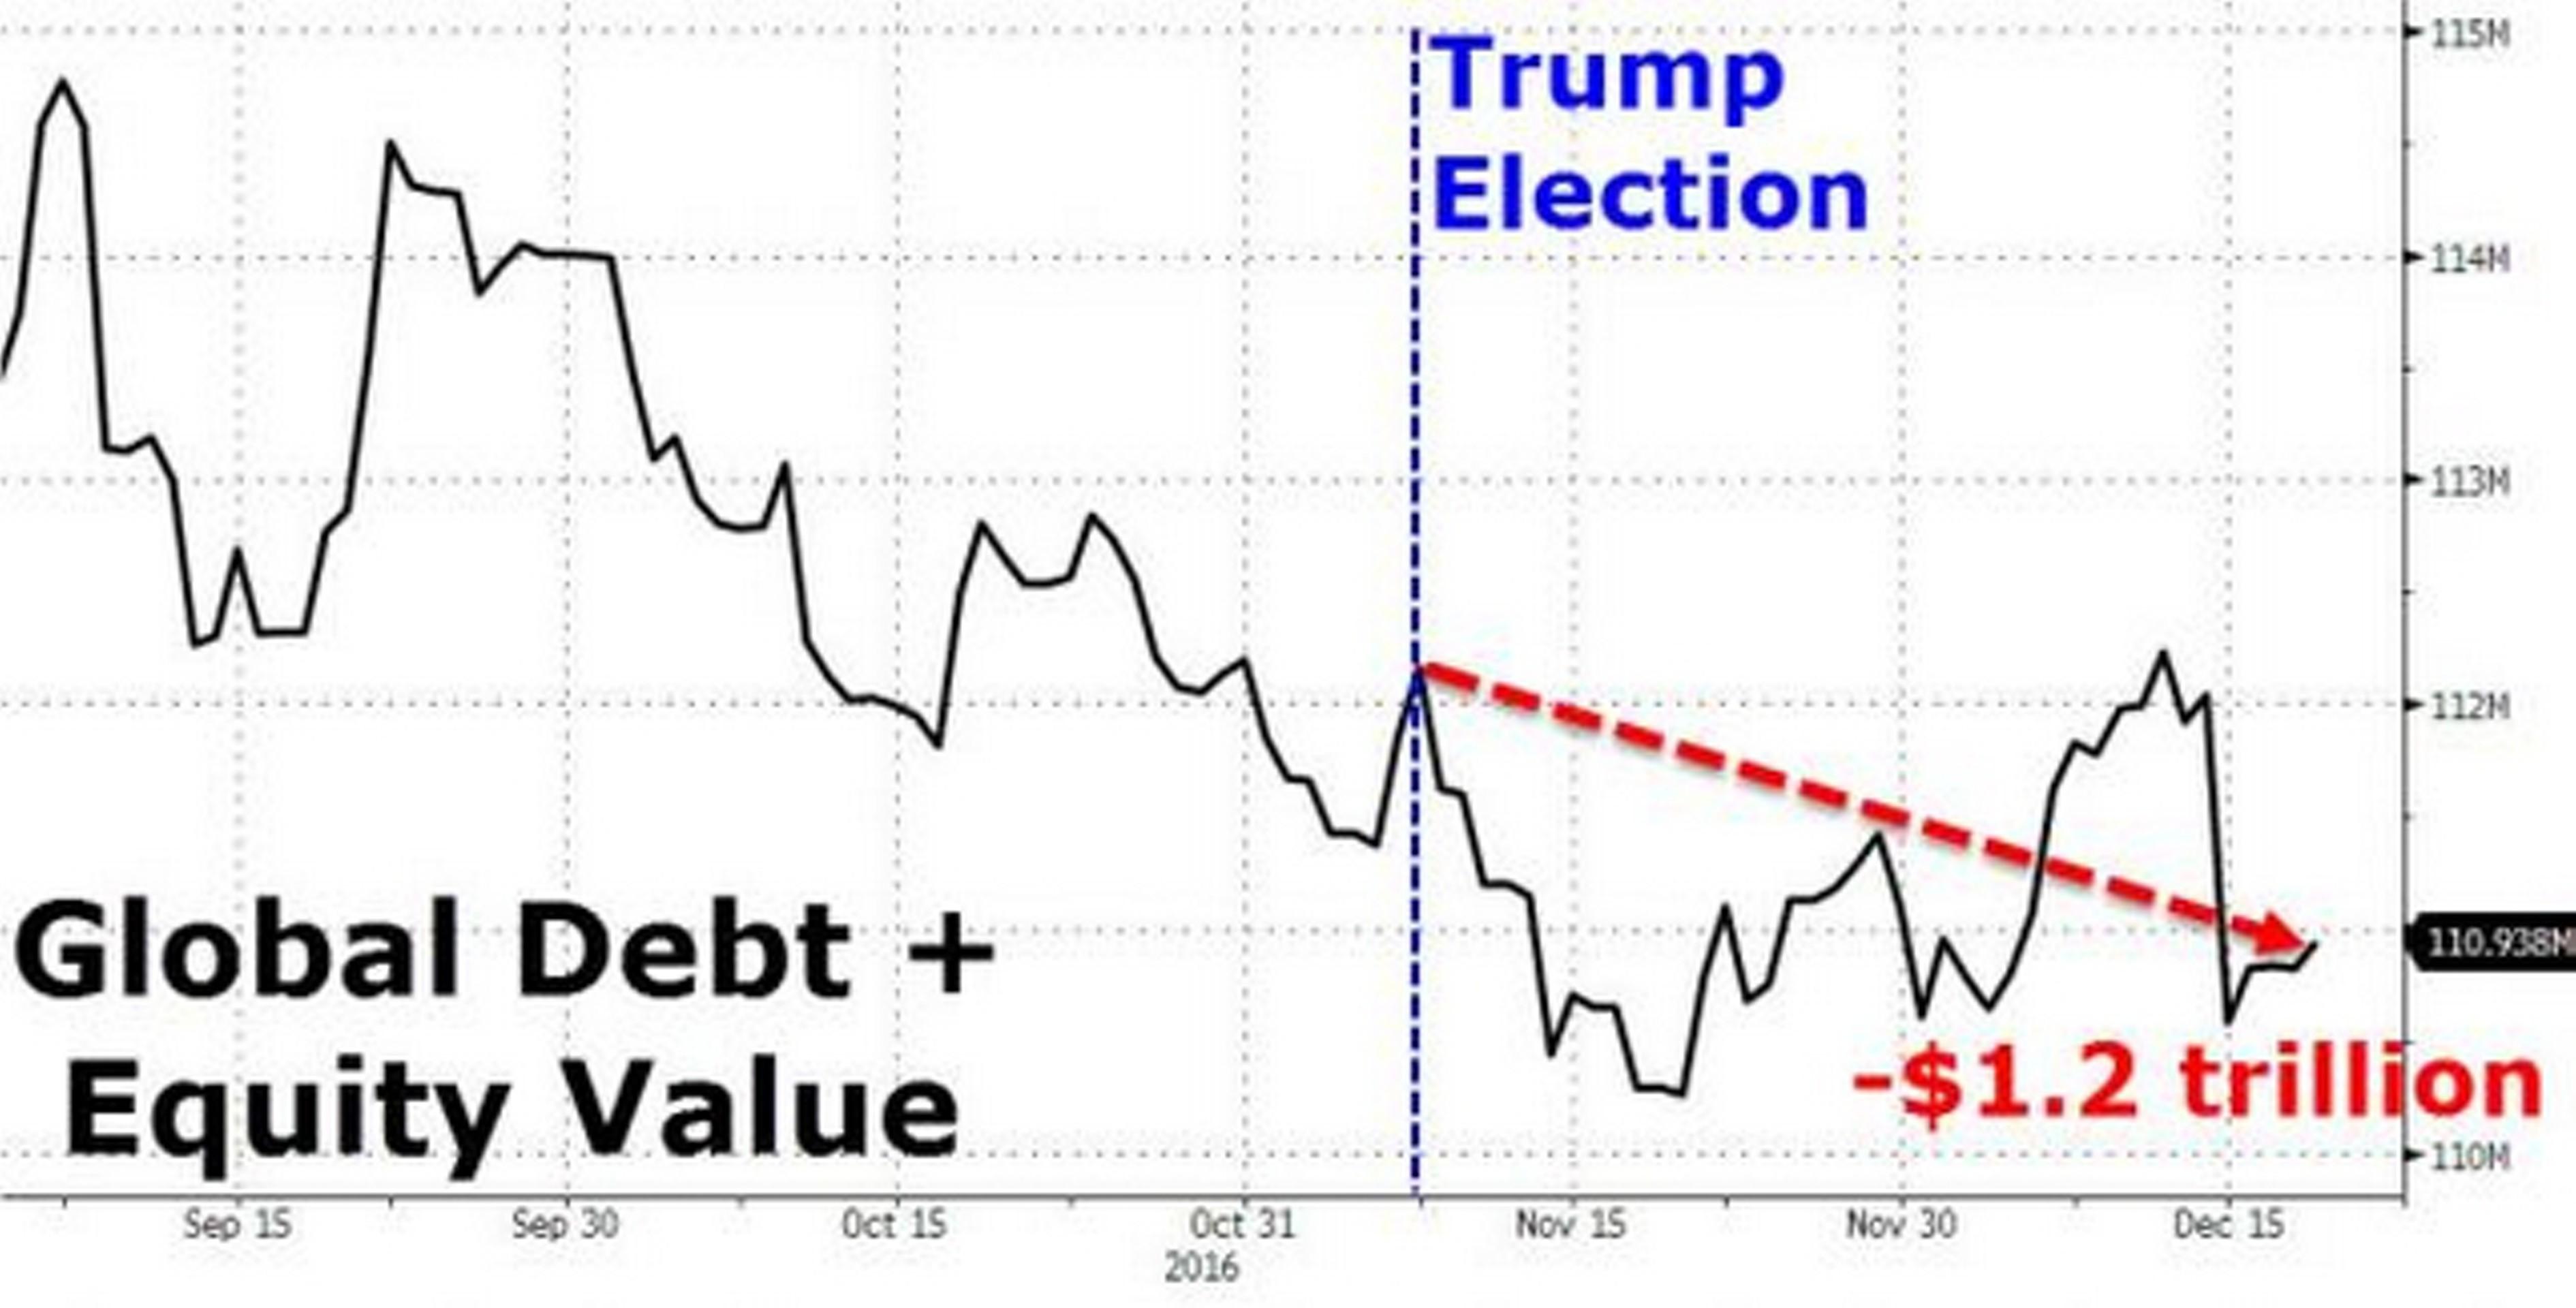 Трамп: до моей победы не было никакой надежды